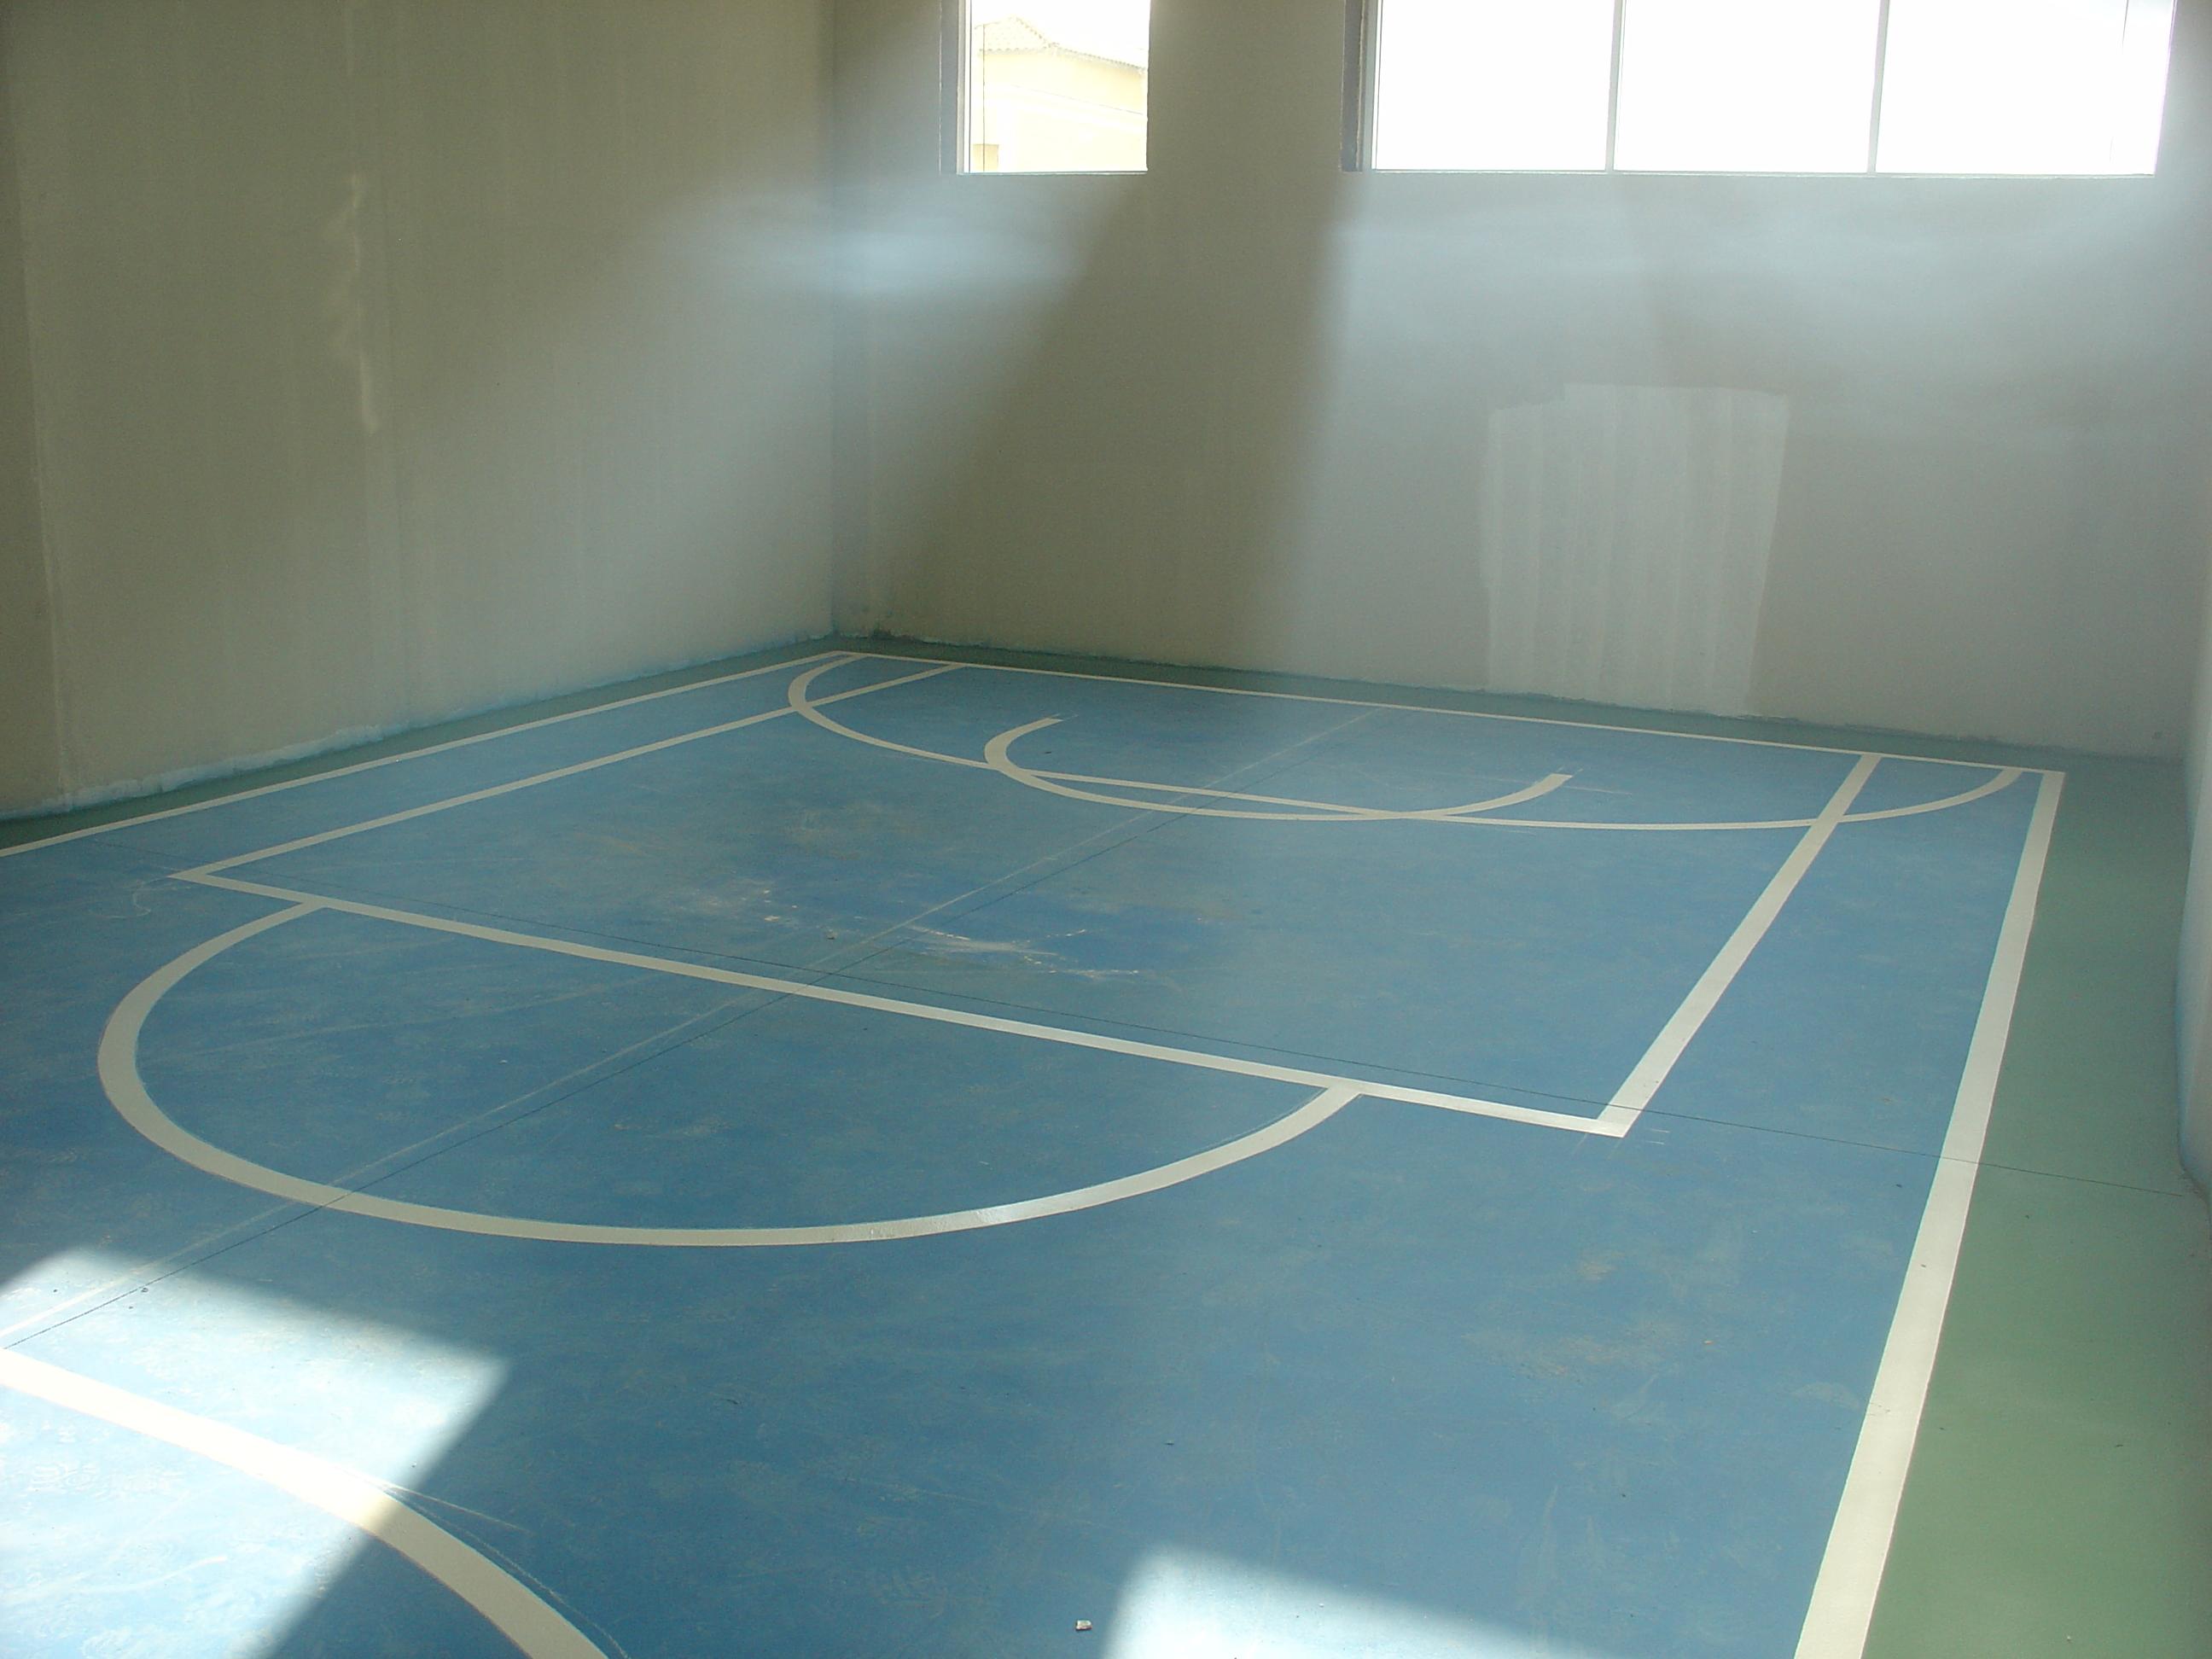 Pintura do piso da mini quadra